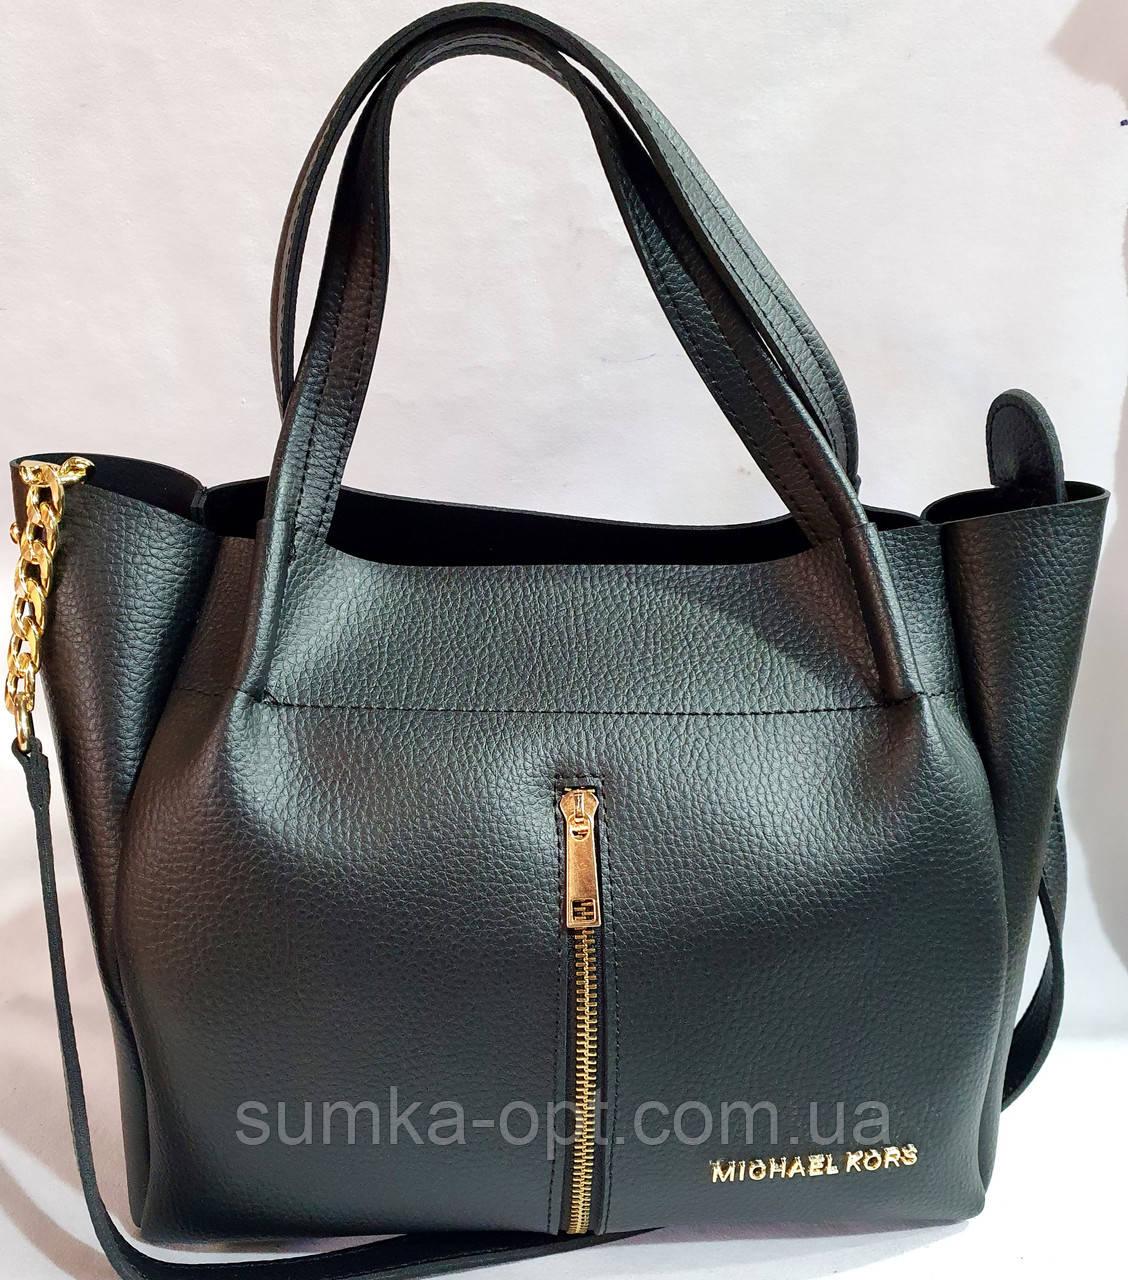 Брендовая женская сумка Michael Kors черная из искусственной кожи 29*25 см